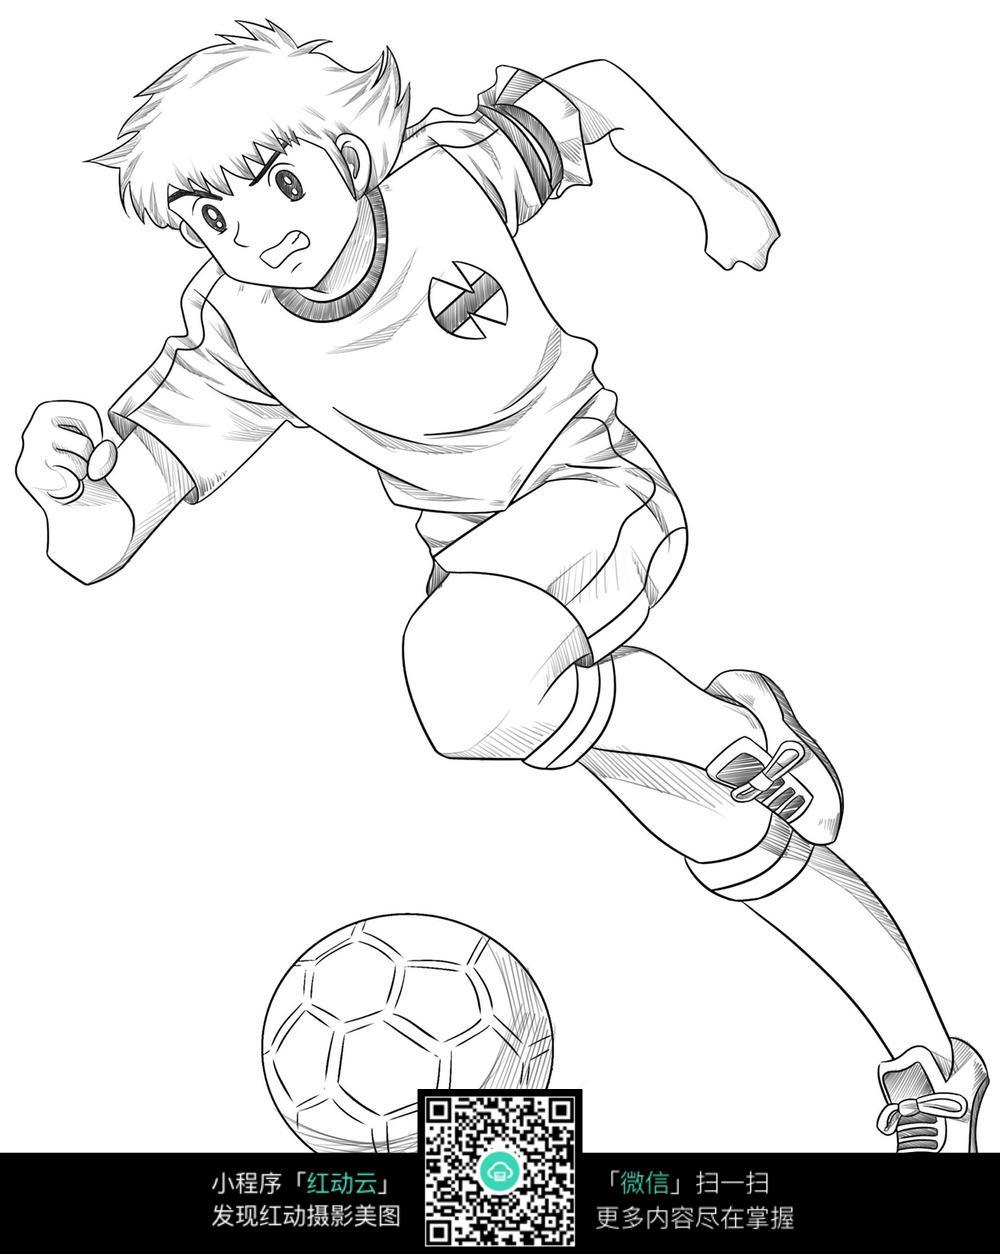 手绘足球简笔画图片